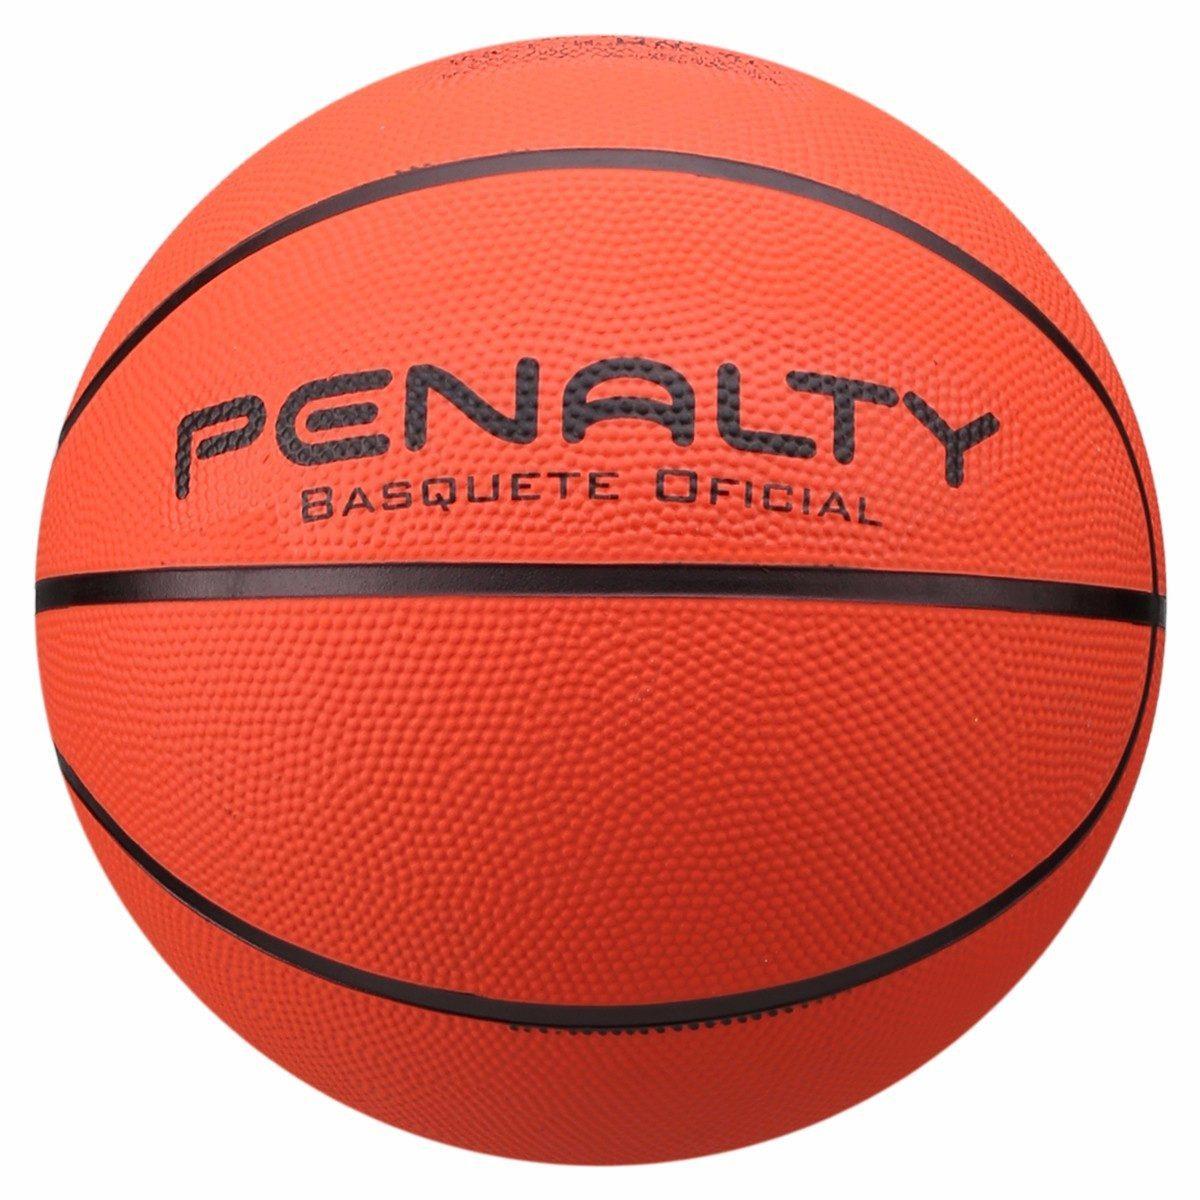 Kit 02 Bolas De Basquete Penalty Playoff Oficial